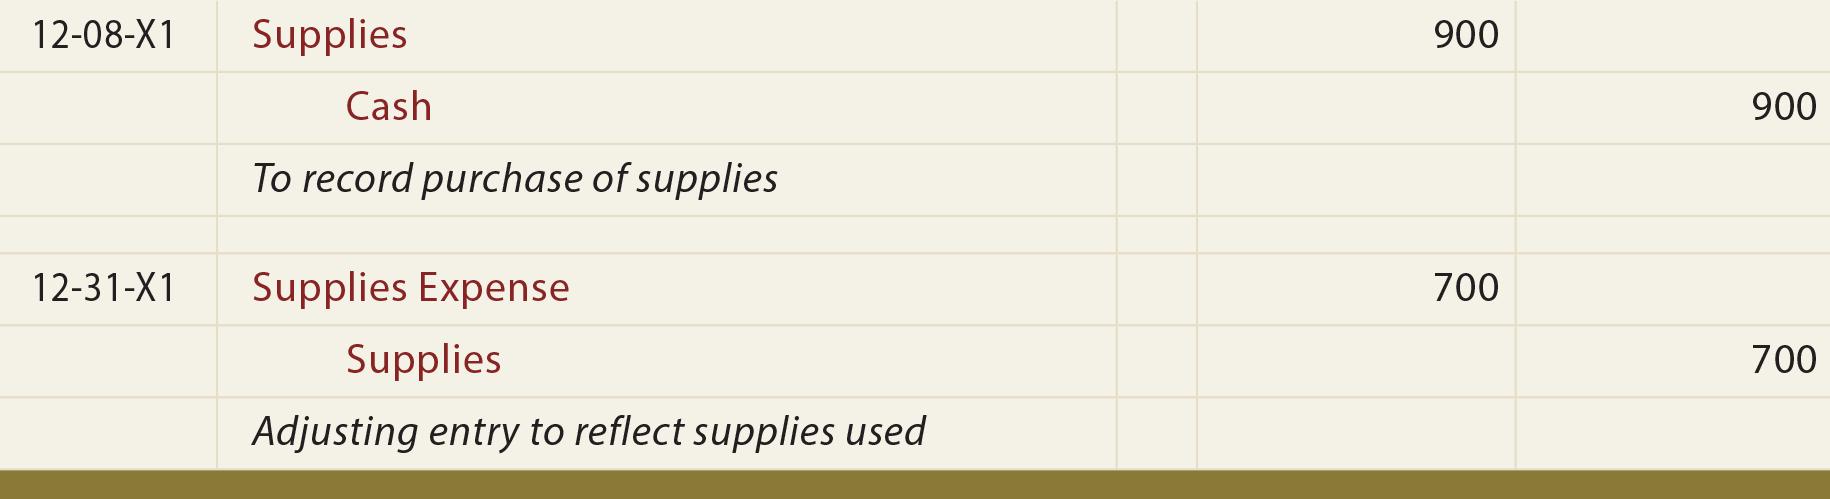 suppliesjournal1